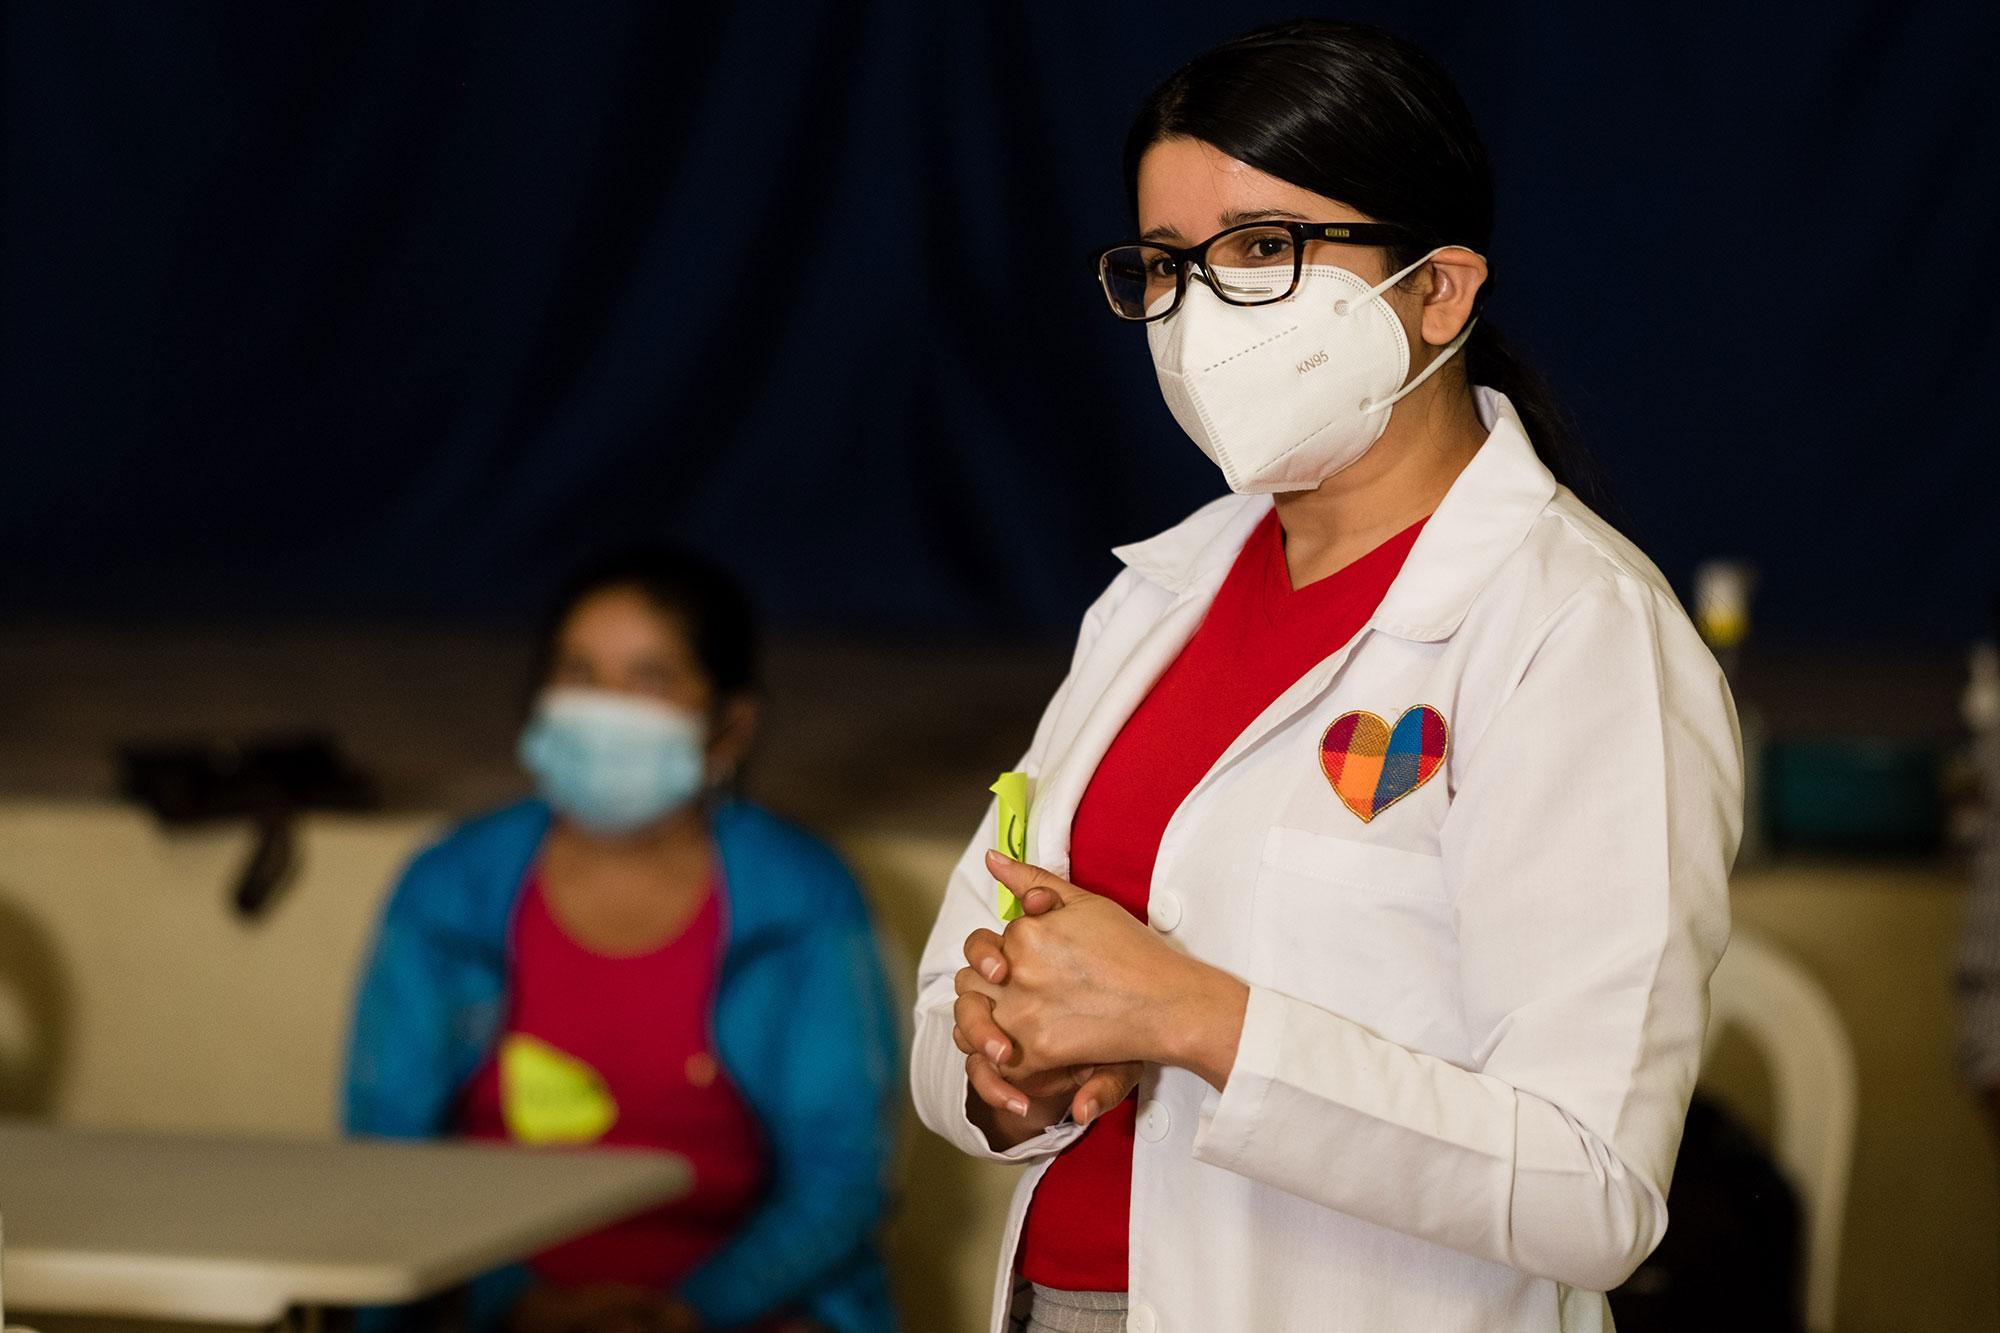 uma mulher com um jaleco e uma máscara cirúrgica.